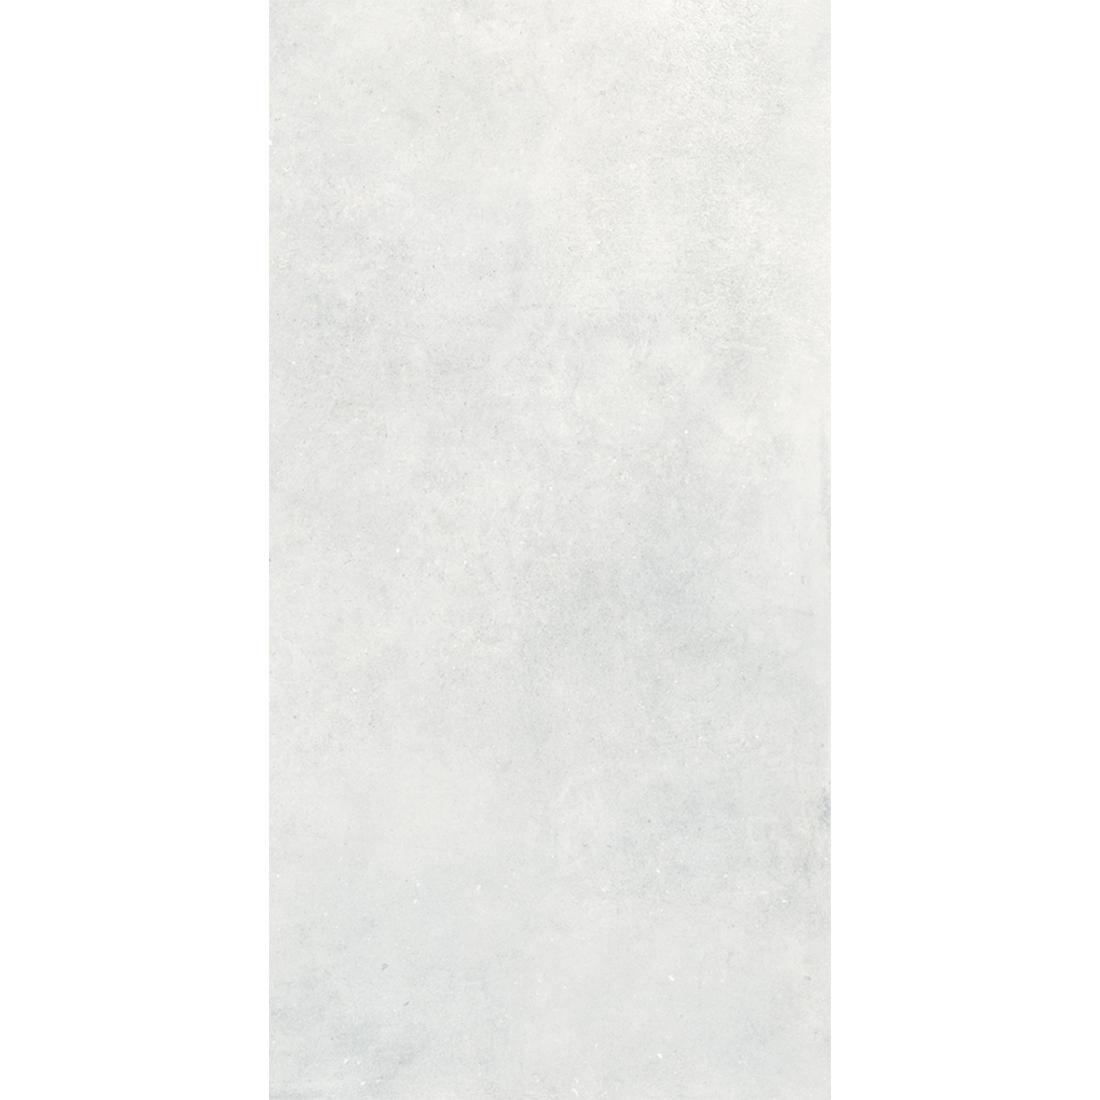 Nitco Fossil Grey (Matte) GVT